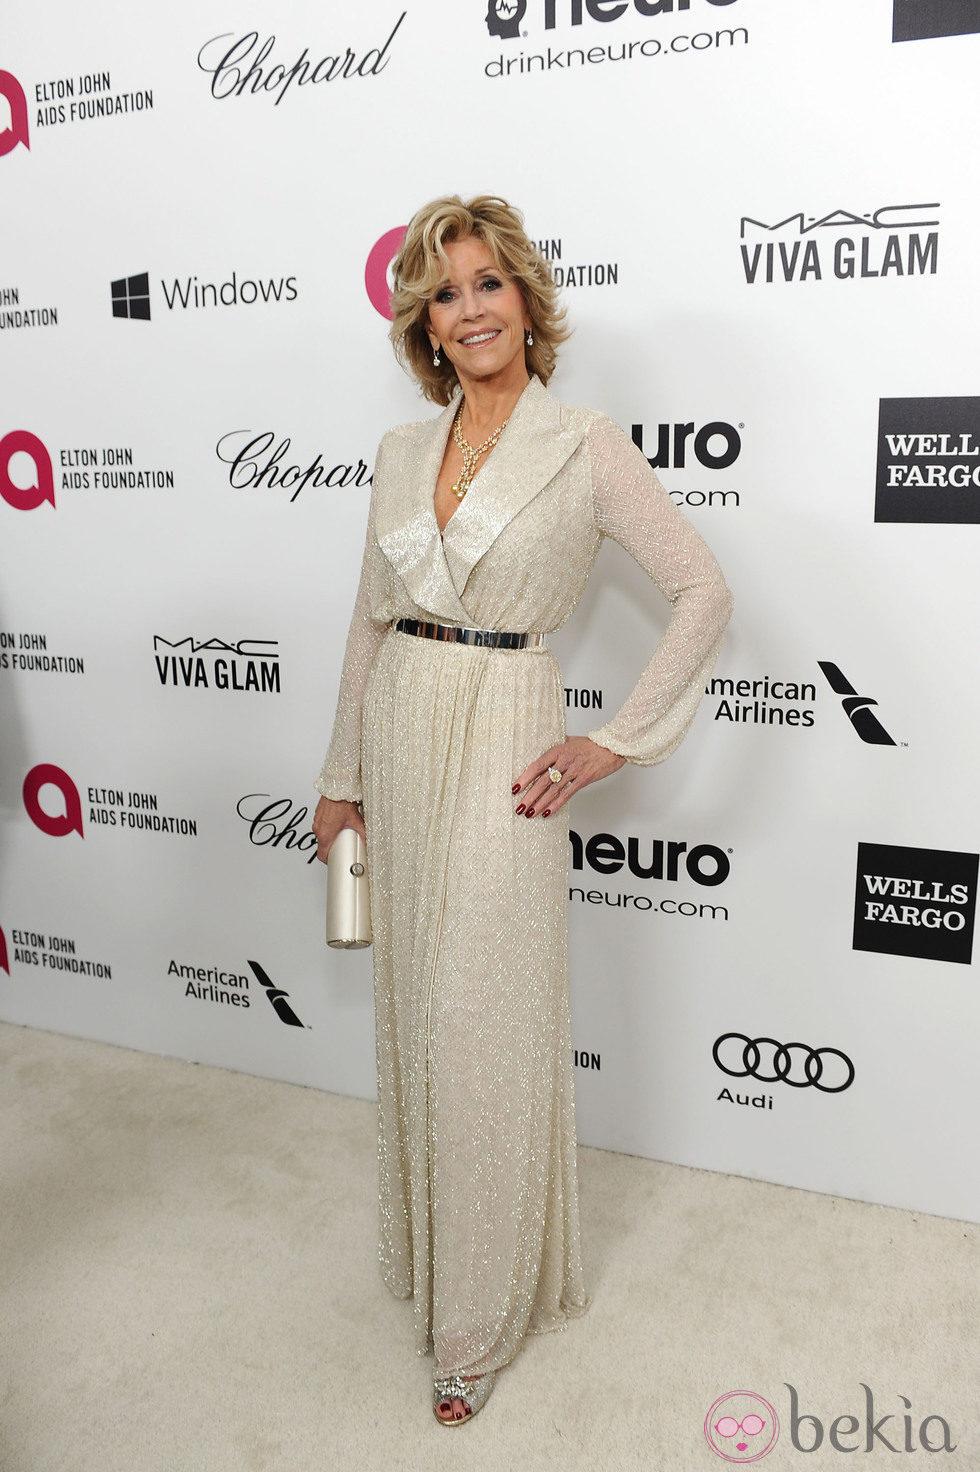 Jane Fonda en la fiesta post Oscar 2014 organizada por Elton John